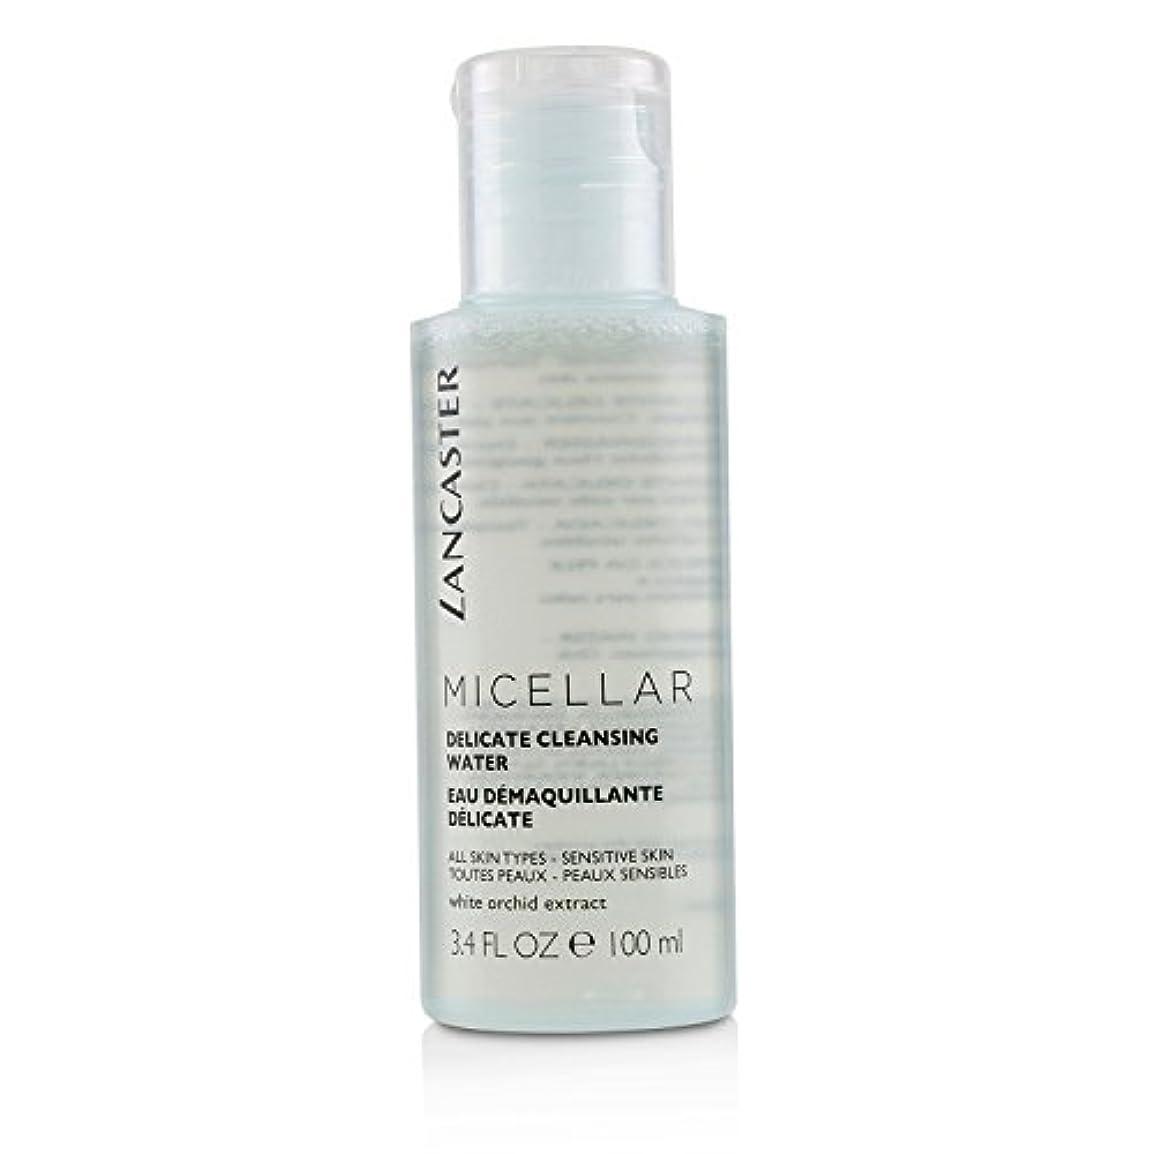 免疫鹿バクテリアランカスター Micellar Delicate Cleansing Water - All Skin Types, Including Sensitive Skin 100ml/3.4oz並行輸入品